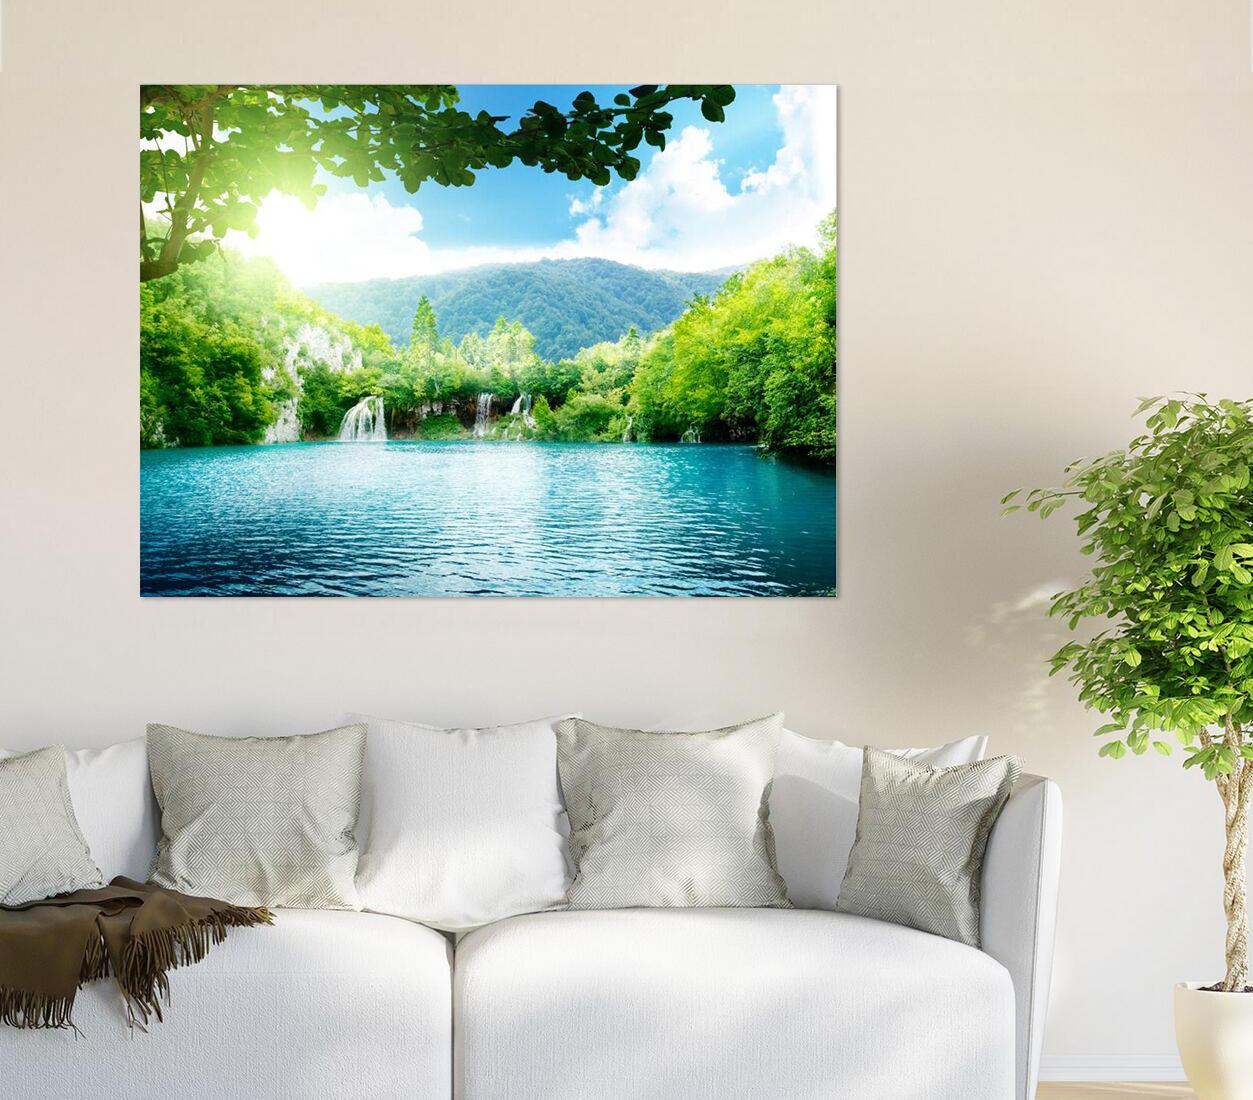 3D Berg Dschungel Fluss Sonne 7 Fototapeten Wandbild BildTapete AJSTORE DE Lemon